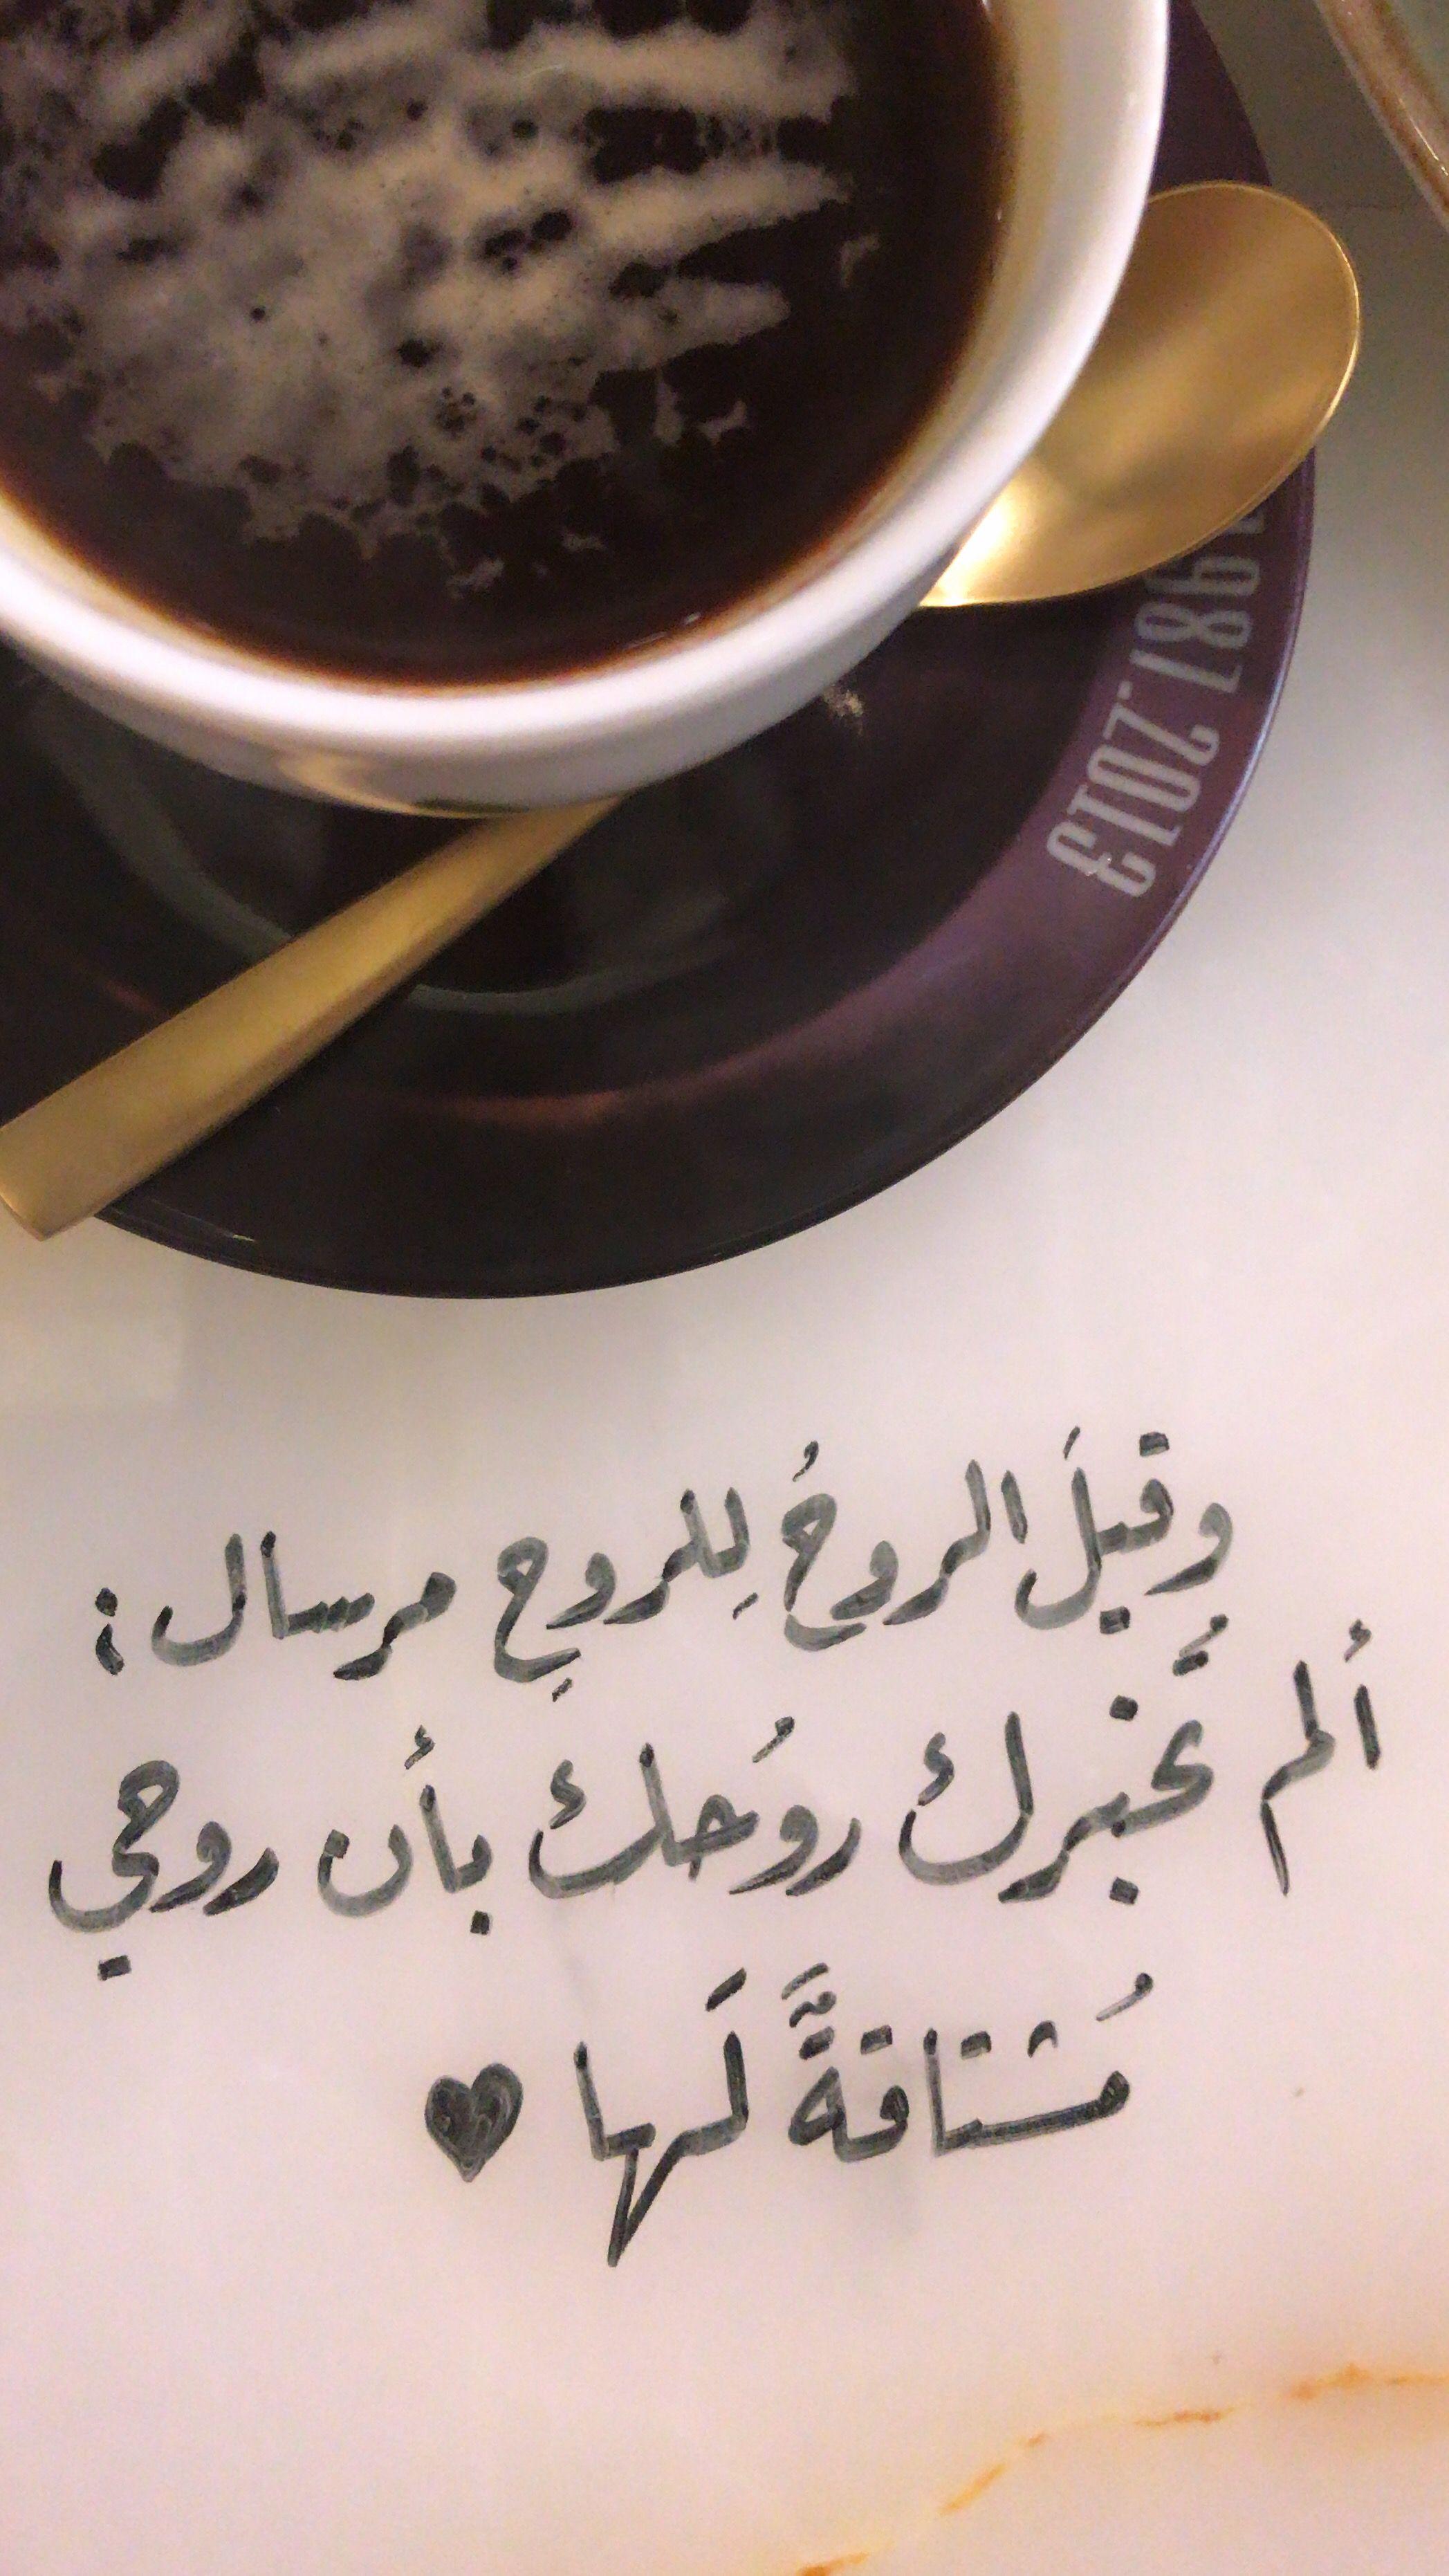 عندما أمسك قلمي وأخربش خط خطي رقعة عشق قهوة خربشة اقتباسة Art Tips Arabic Words Words